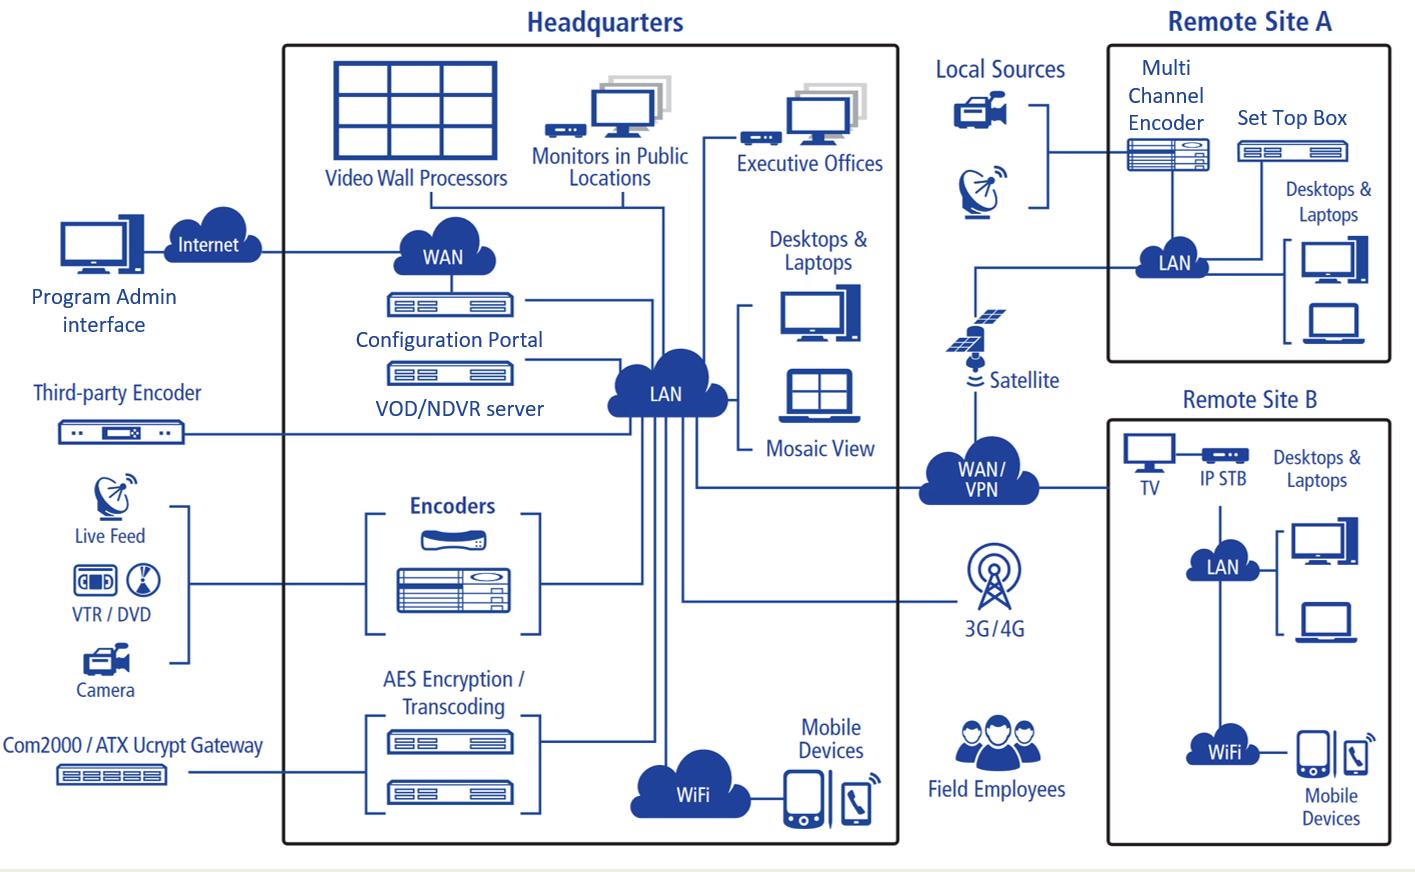 Solutions IPTV Diagram